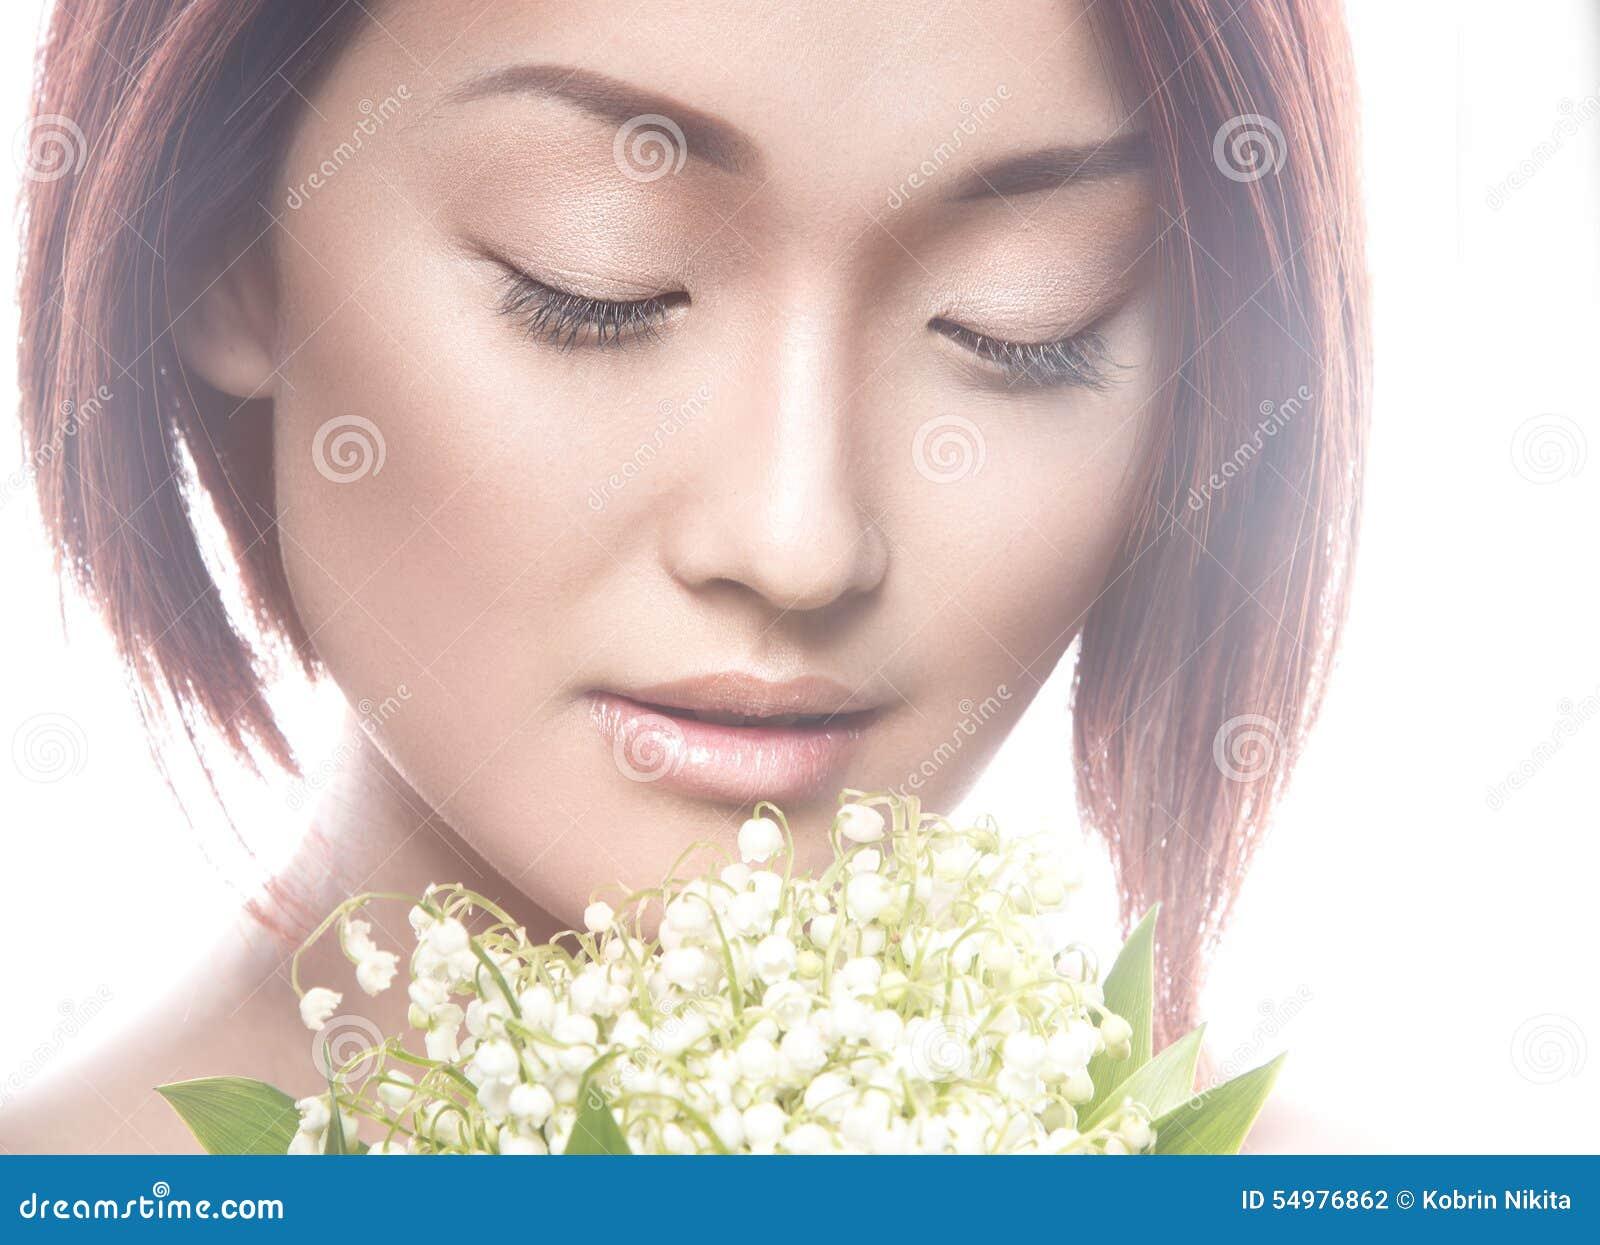 Dana orientalisk typ för den härliga flickan med delikat naturligt smink och blommor Härlig le flicka